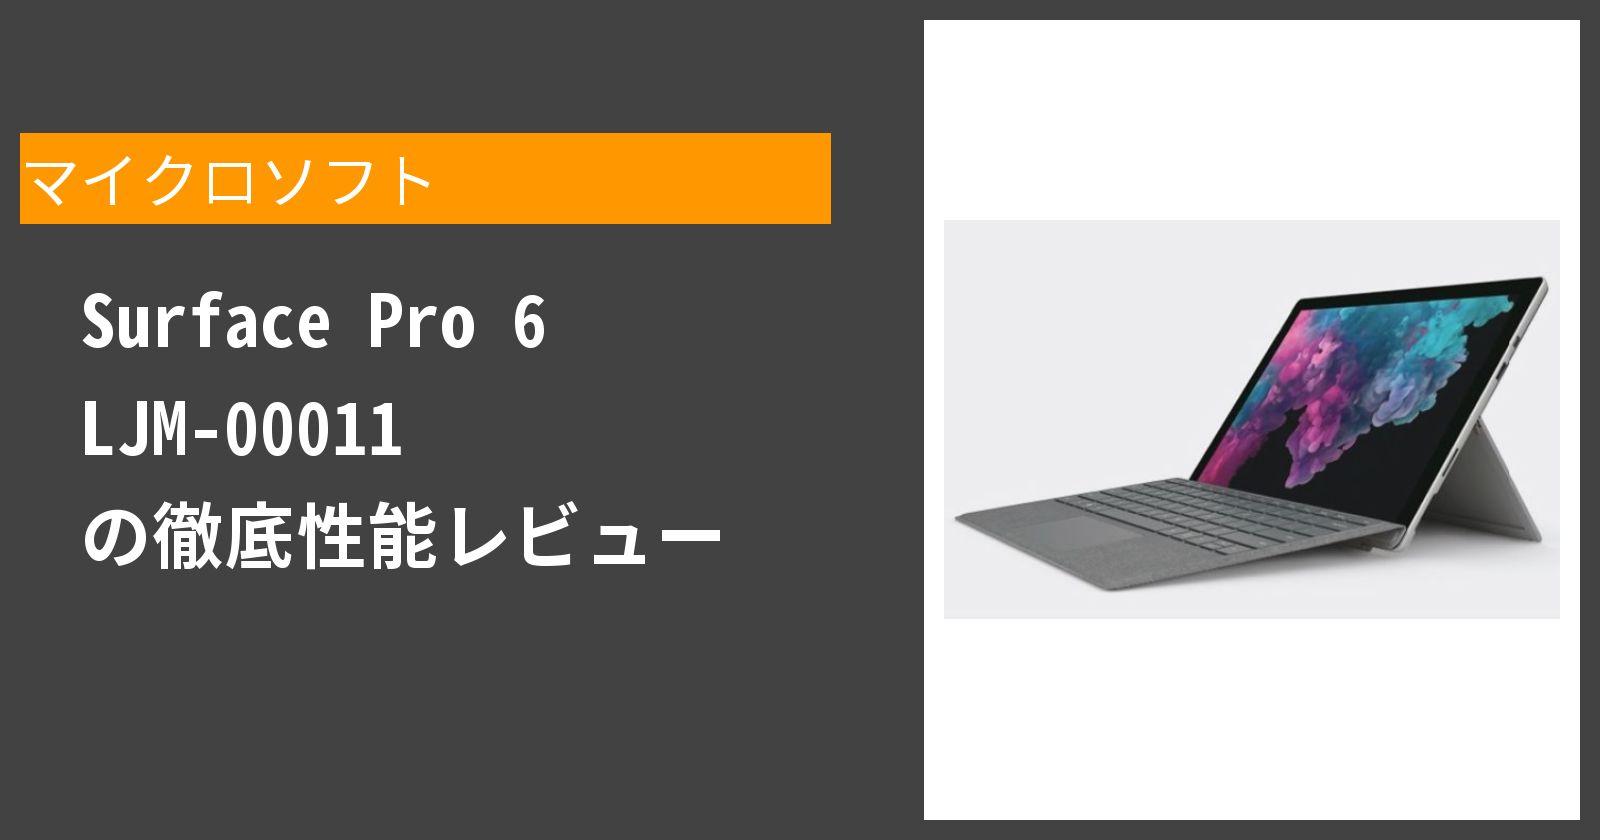 Surface Pro 6 LJM-00011 の徹底性能レビュー